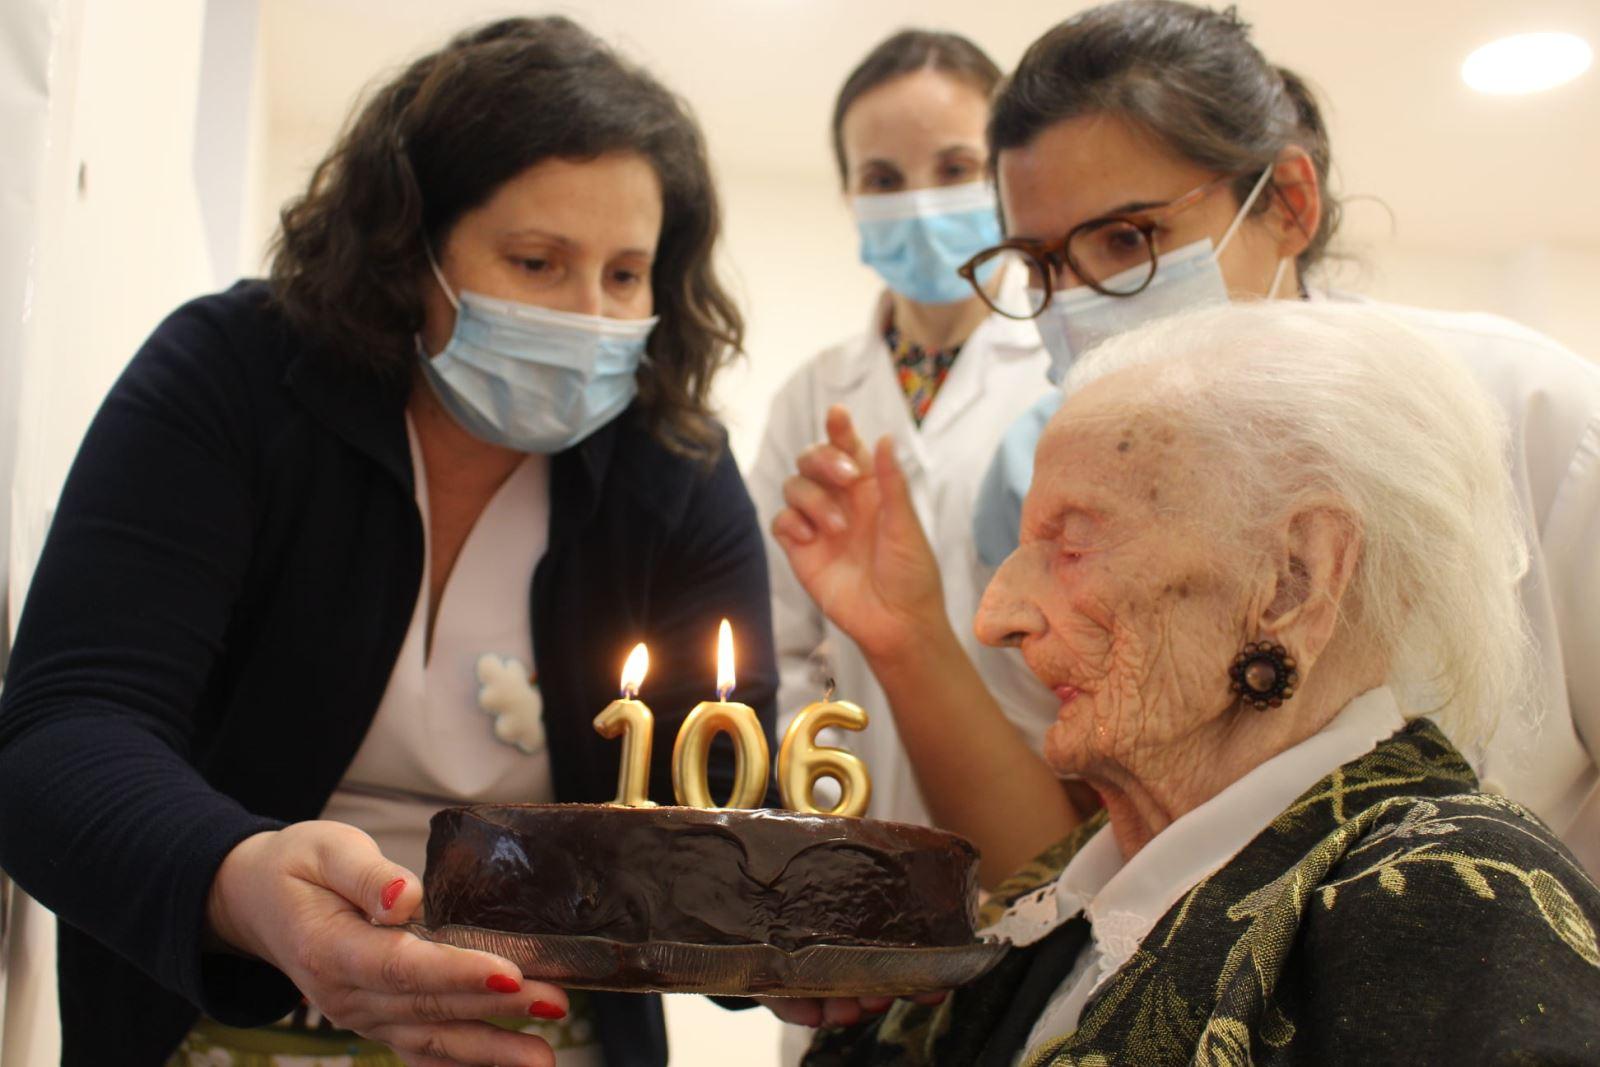 Vale de Cambra | Sobreviver à Covid-19 com 106 anos de idade